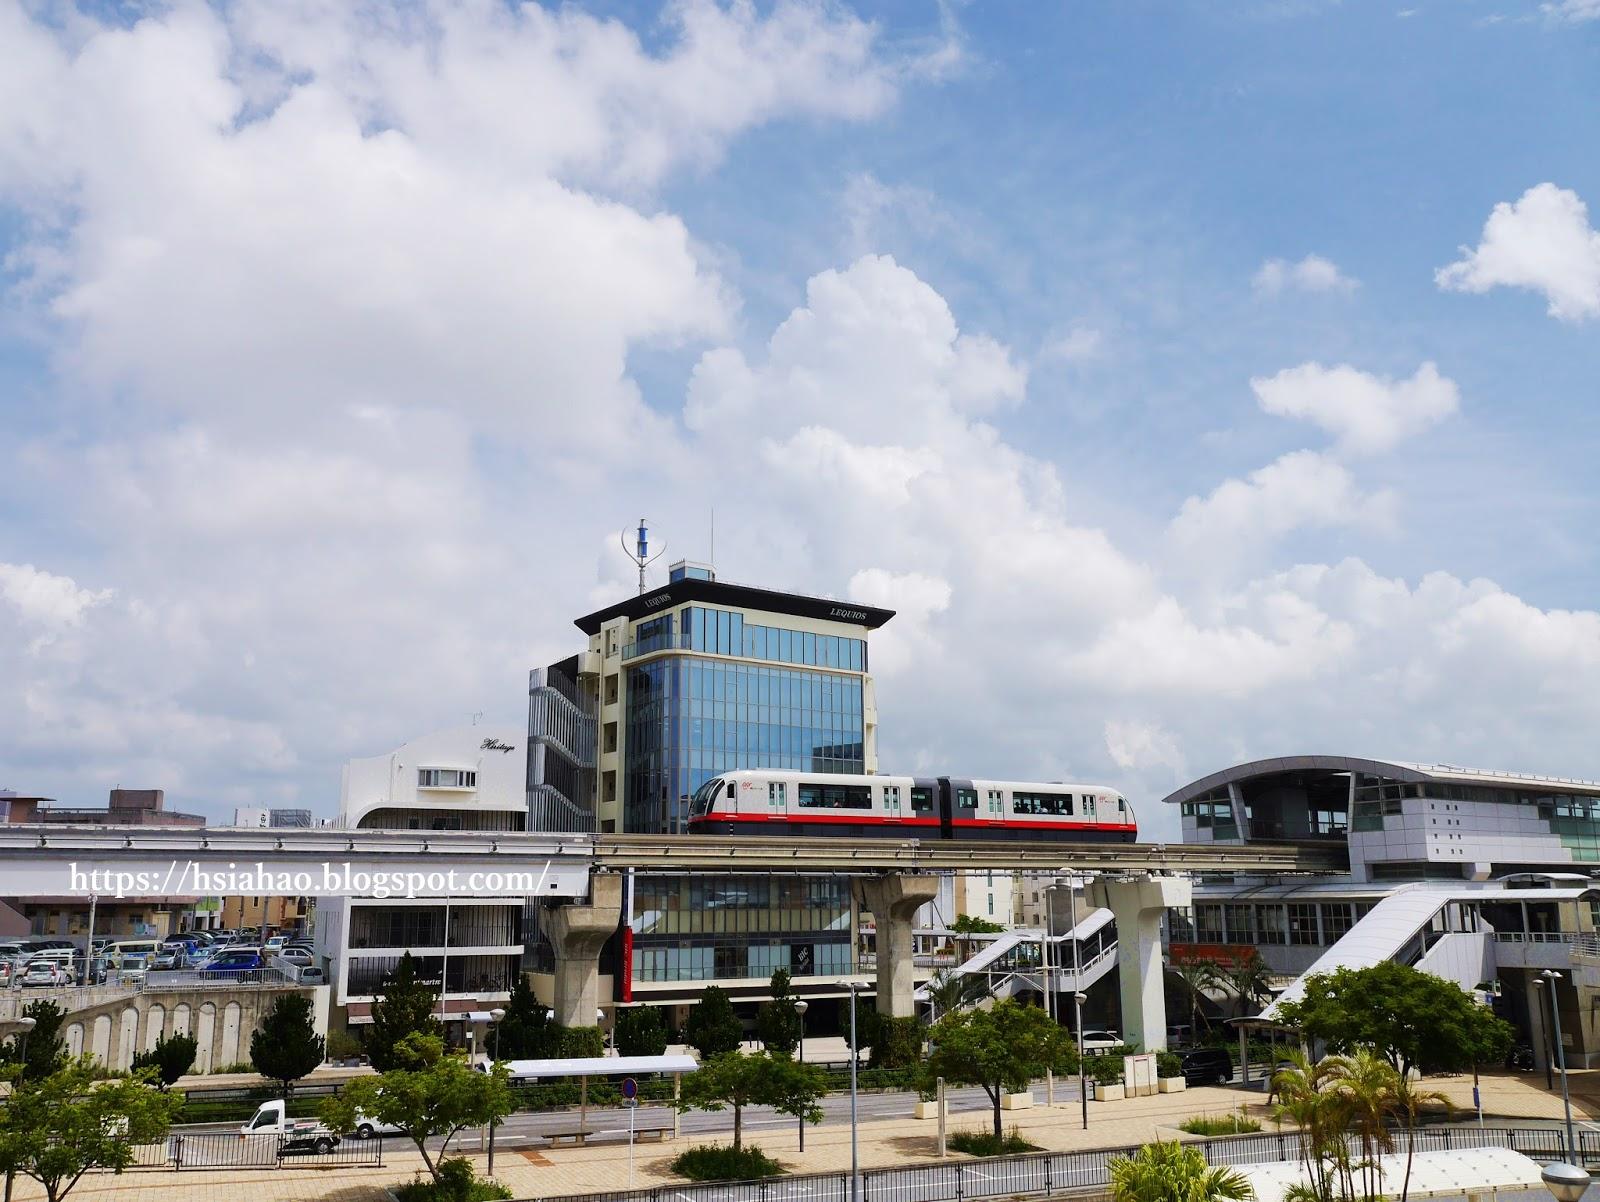 沖繩-那霸-新都心-電車站-おもろまち-Omoromachi-自由行-旅遊-Okinawa-shintoshin